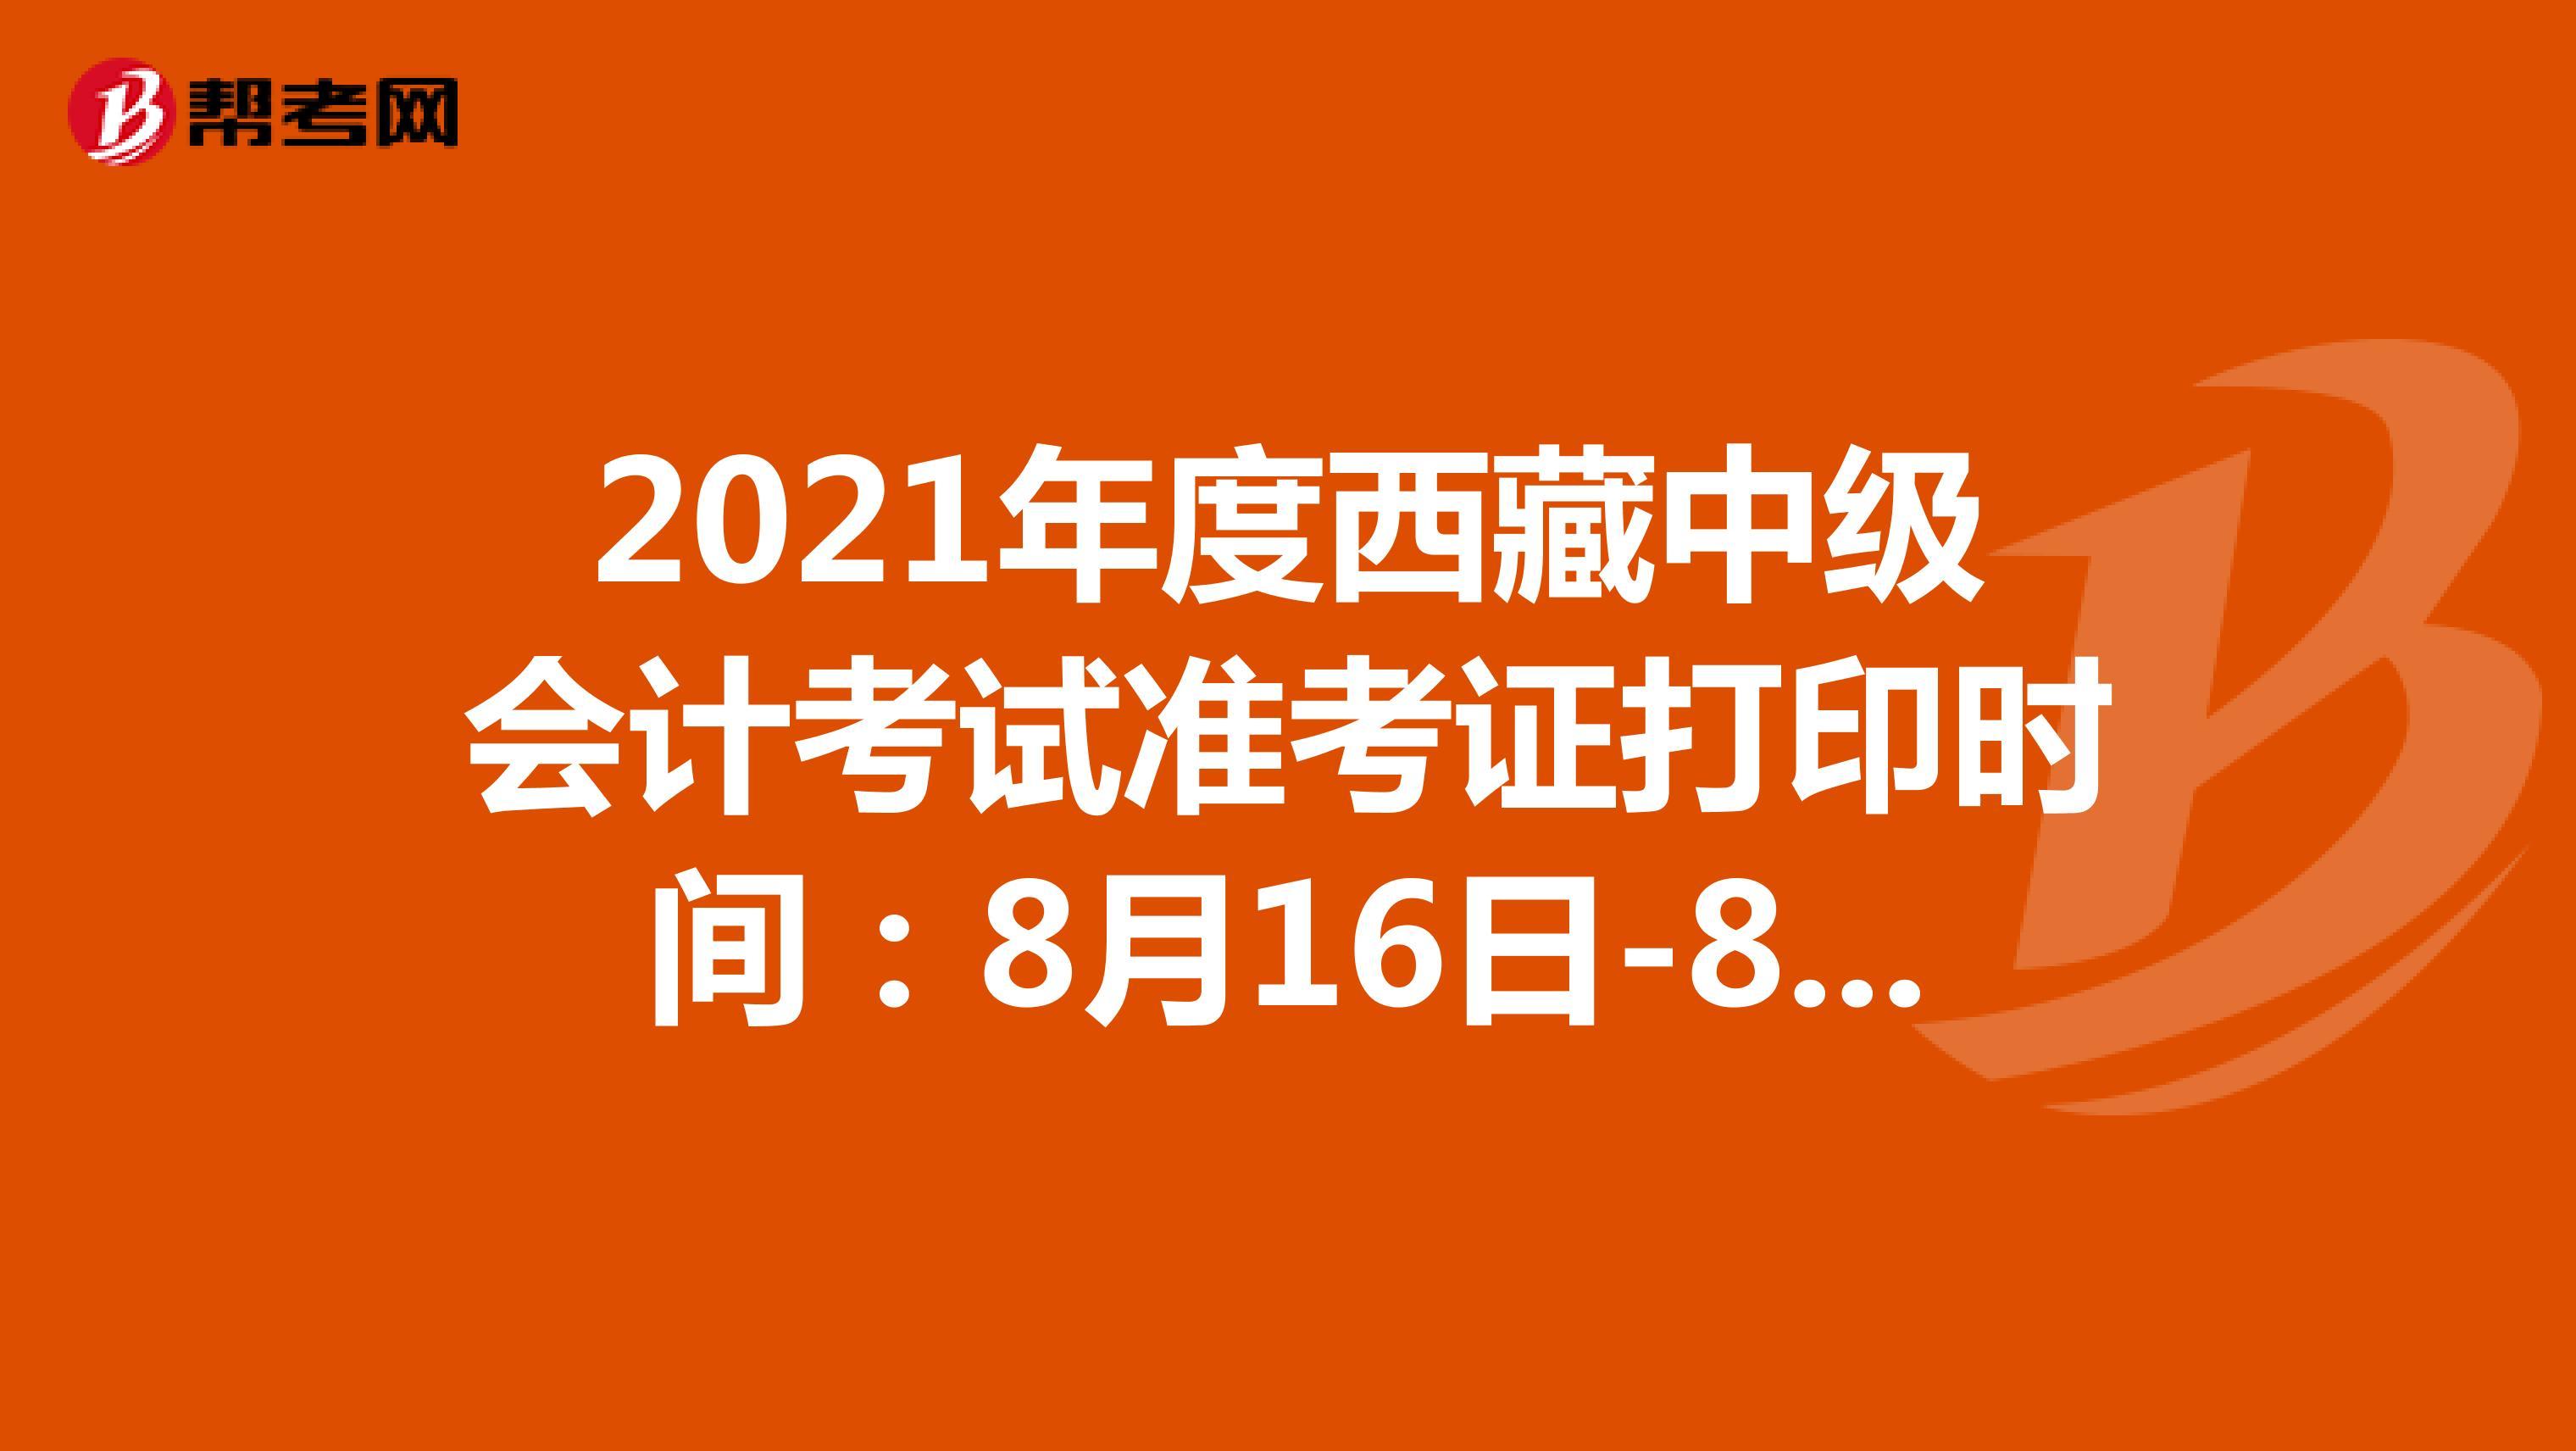 2021年度西藏中級會計考試準考證打印時間:8月16日-8月22日